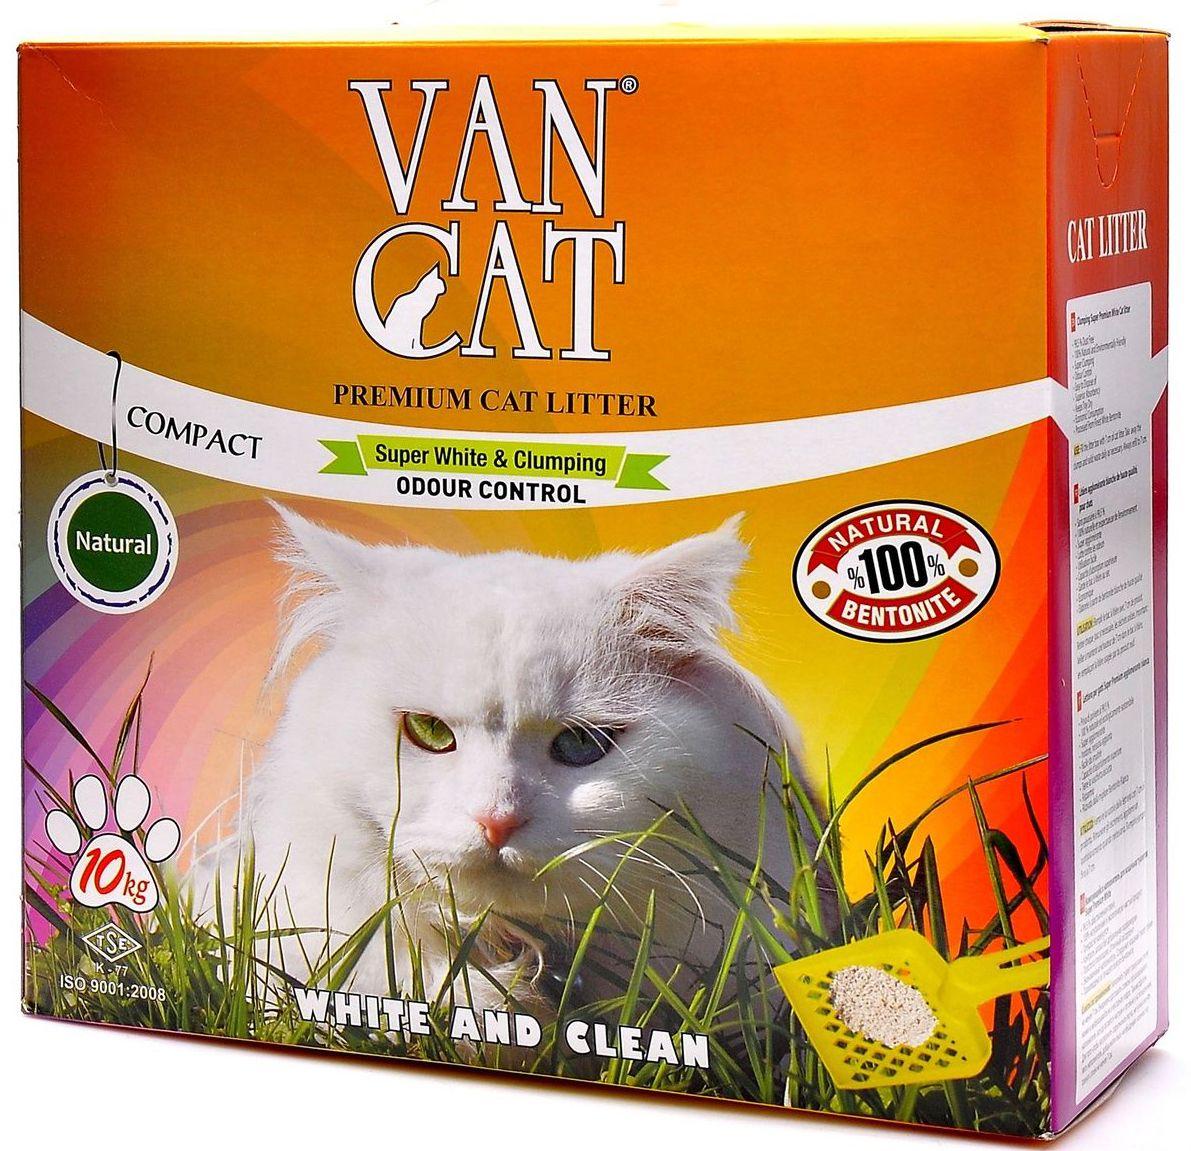 Наполнитель для кошачьих туалетов Van Cat 100% Натуральный, комкующийся, без пыли, 10 кг. 2024120241100% натуральный Белый цвет – символ чистоты и свежести. Так же белый цвет – это символ здоровья. Как нам контролировать здоровье мочевыделительной системы у кошки наиболее простым способом? Только белый наполнитель для кошачьего туалета дает нам такую возможность. Отлично комкуется Гранулы 0,6-2,25 мм Эффективно устраняет неприятные запахи Не пылит, лапы остаются чистыми Способность к абсорбации 300% Безопасен для животных и окружающей среды Экономичен в использовании Сохраняет лоток сухим, прост в уборке Удобная картонная упаковка